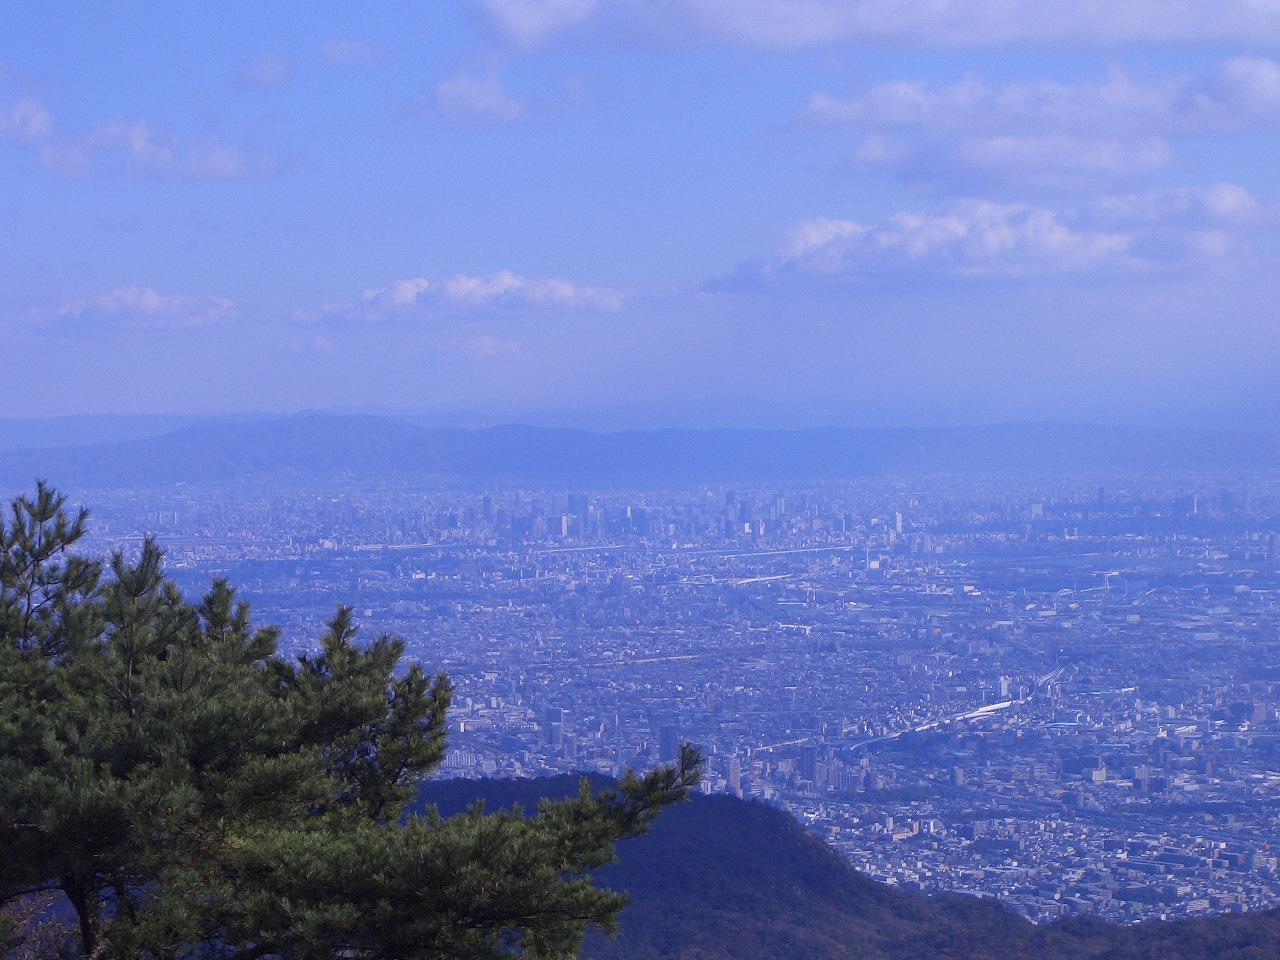 2008.12.8すじかま&ガーデンテラス 011.jpg